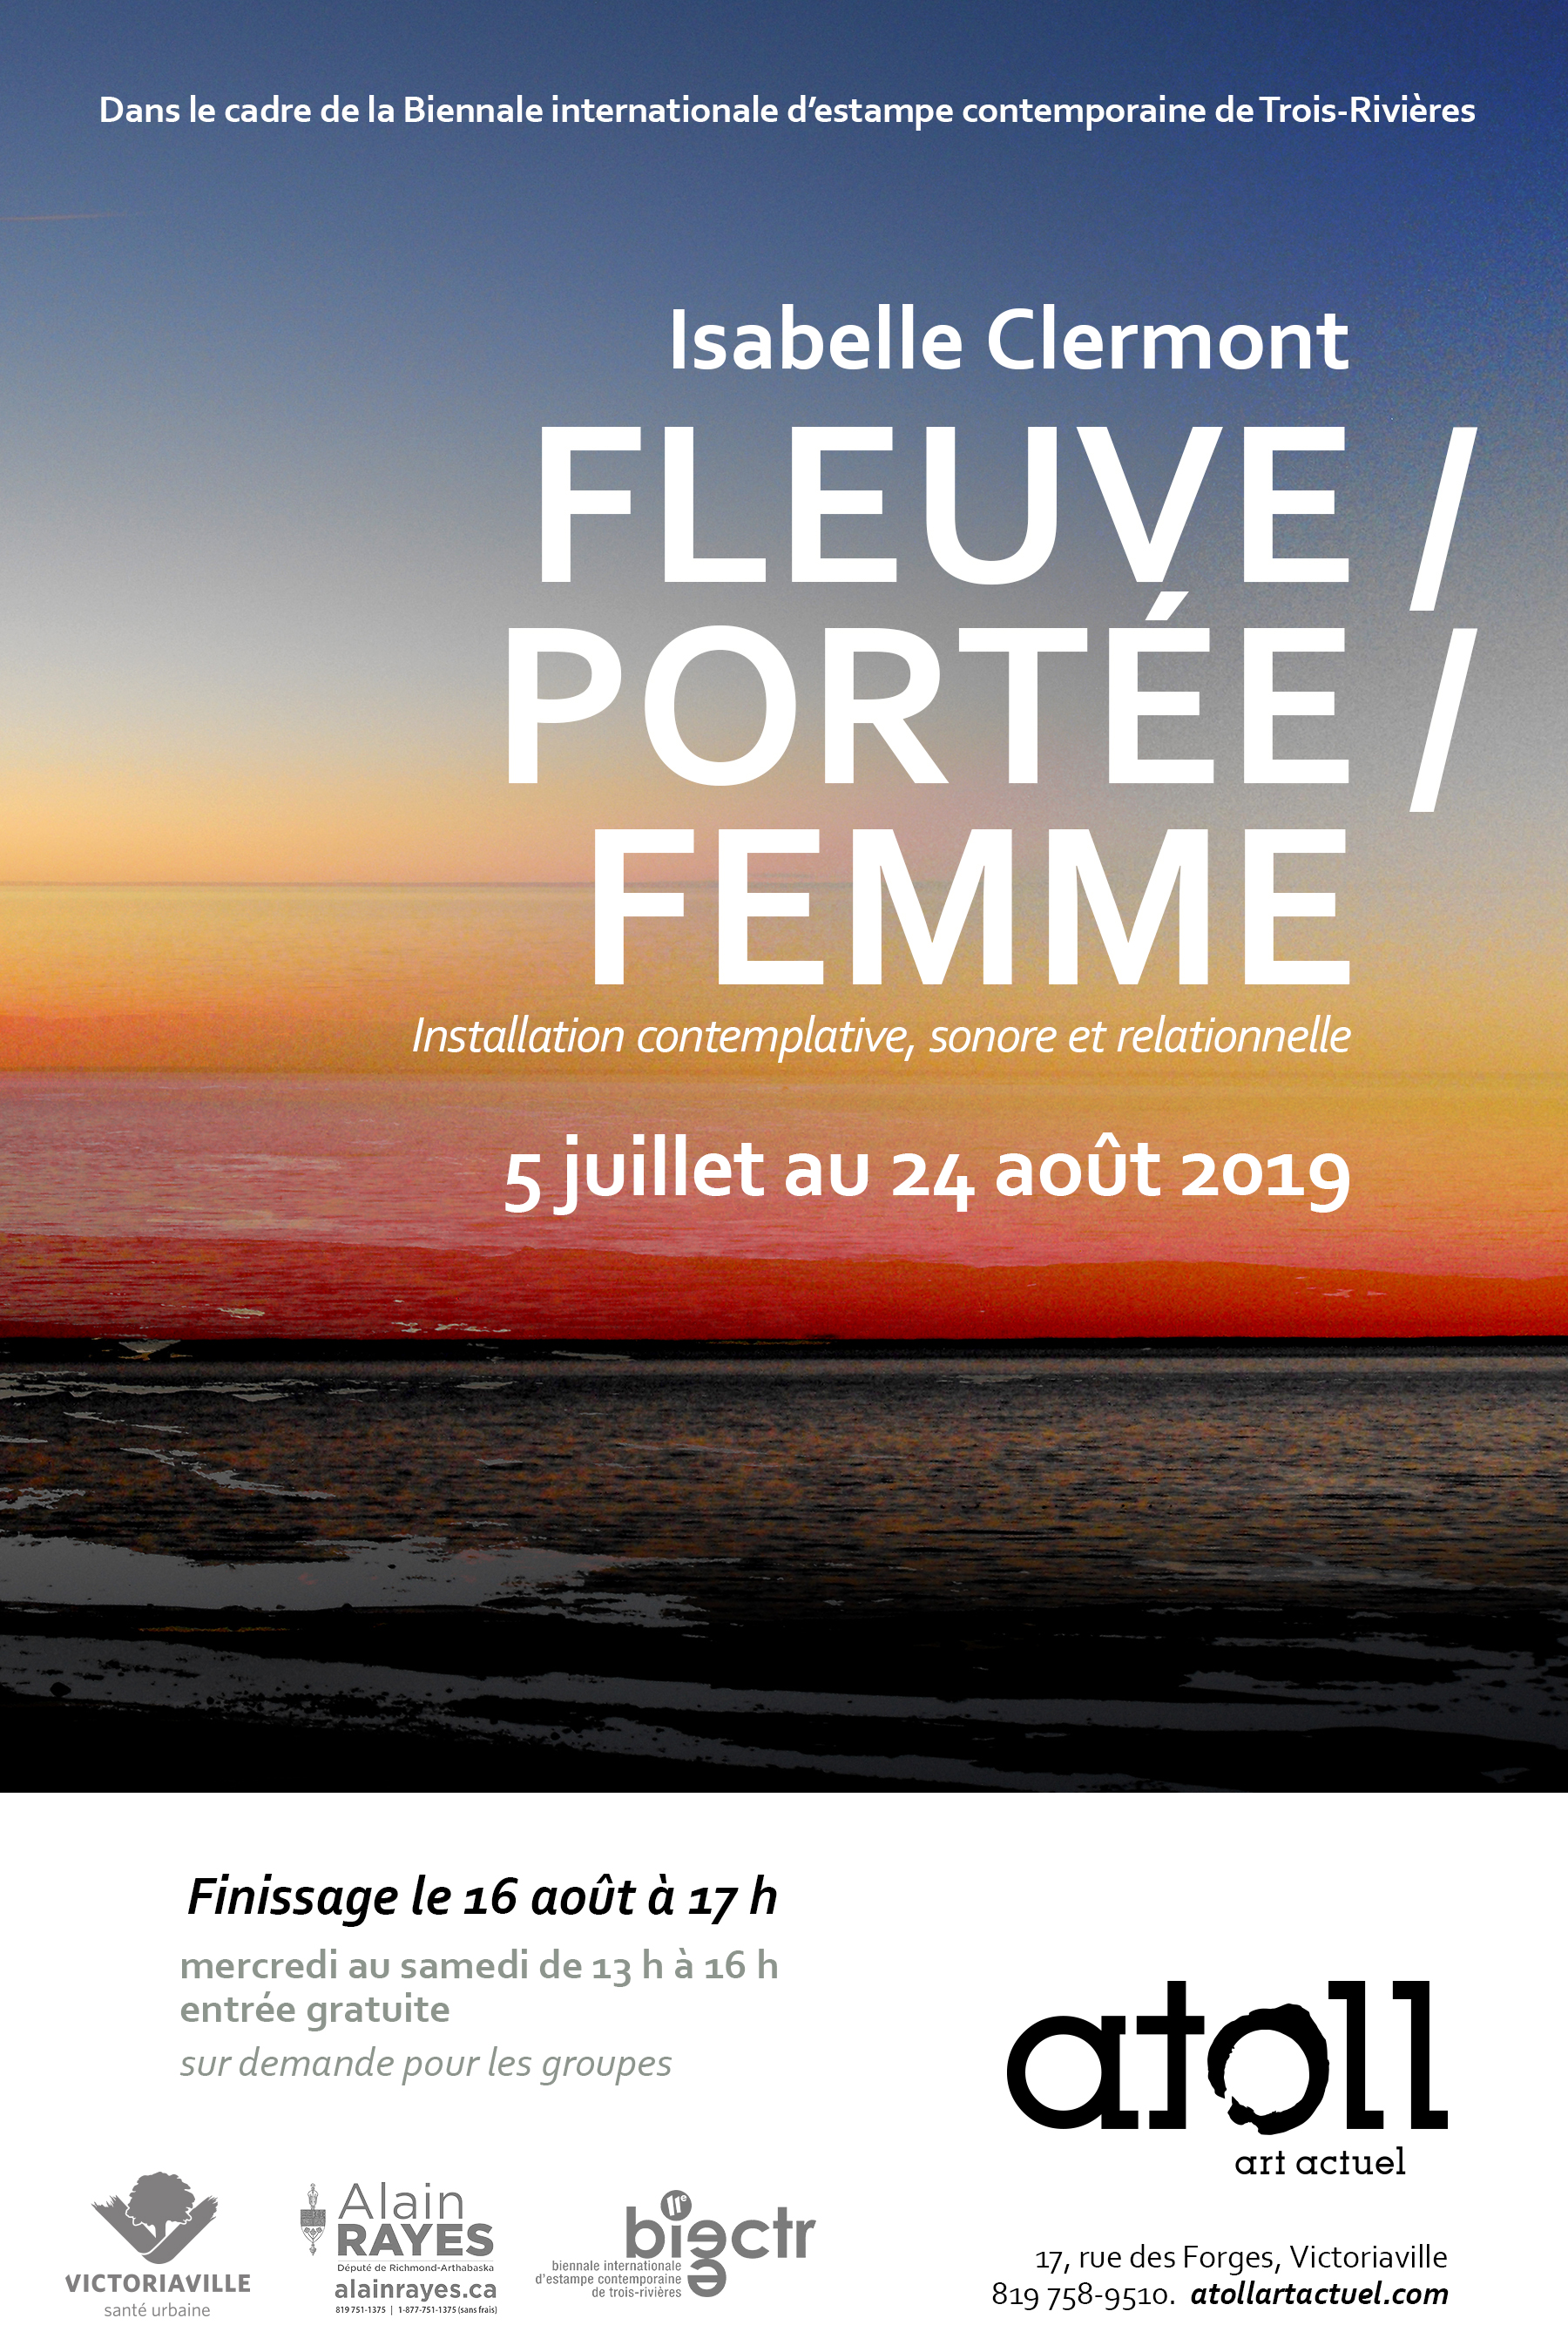 ATOLL  Affiche Fleuve Portee Femme Biennale Estampe Isabelle Clermont FINAL RGB CROP.jpg